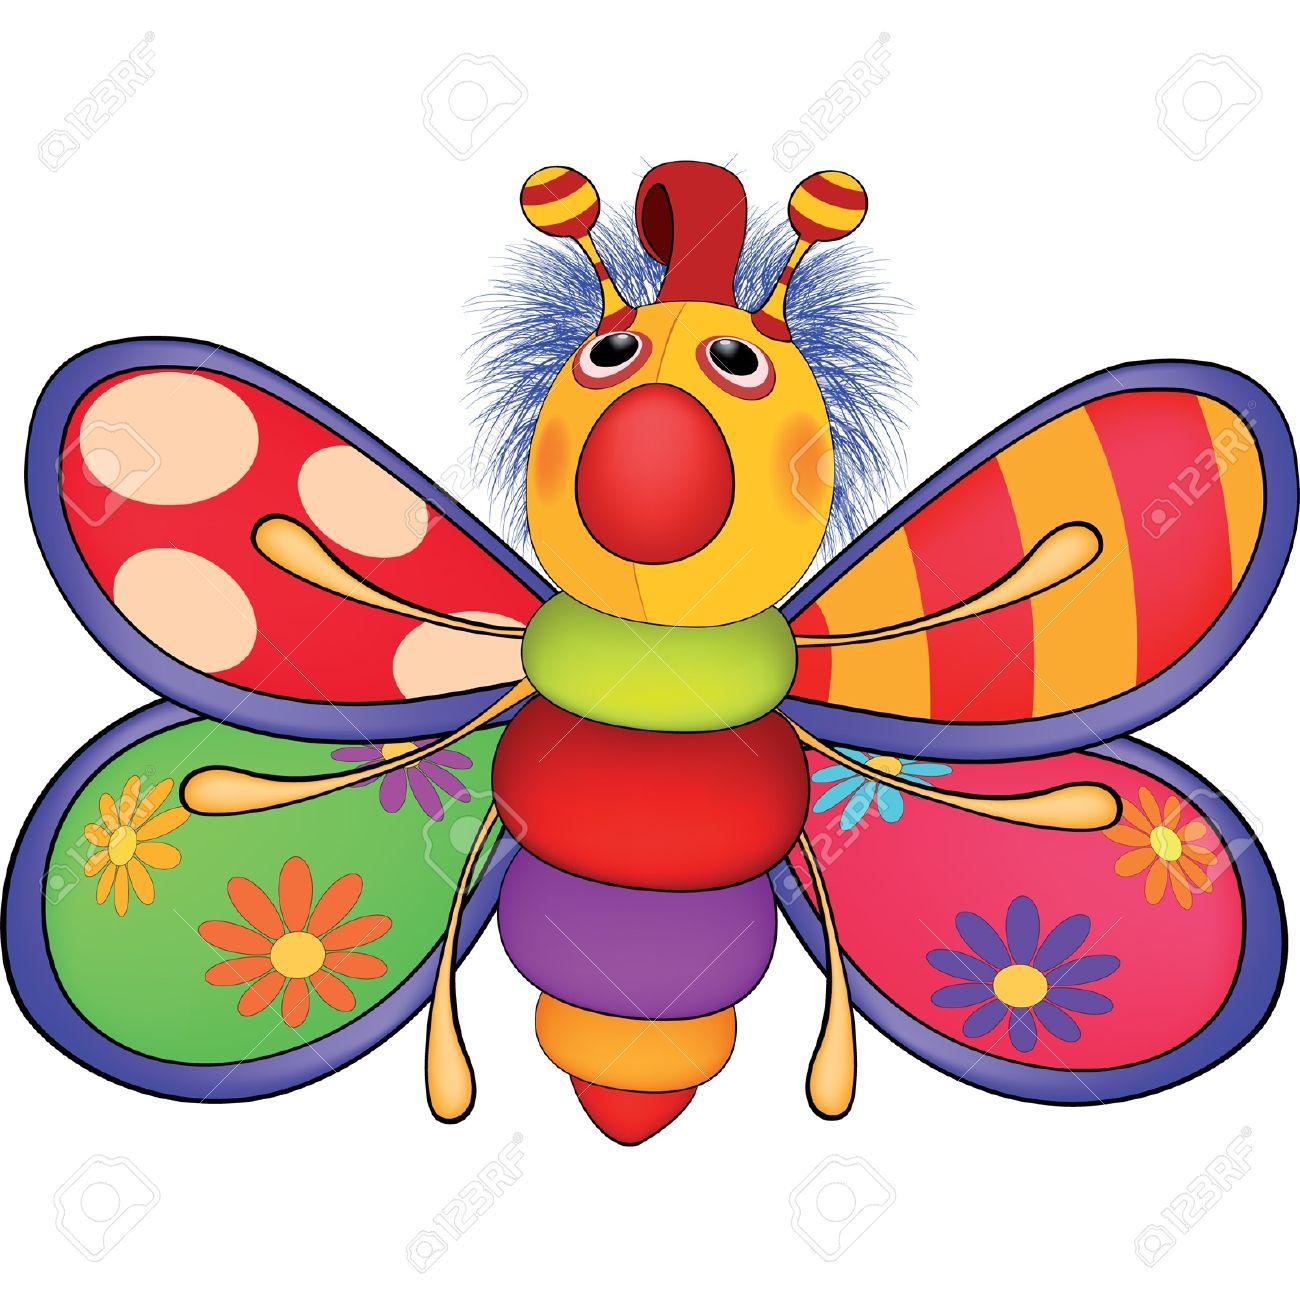 peluche le papillon jouet dessin anim banque dimages 17462102